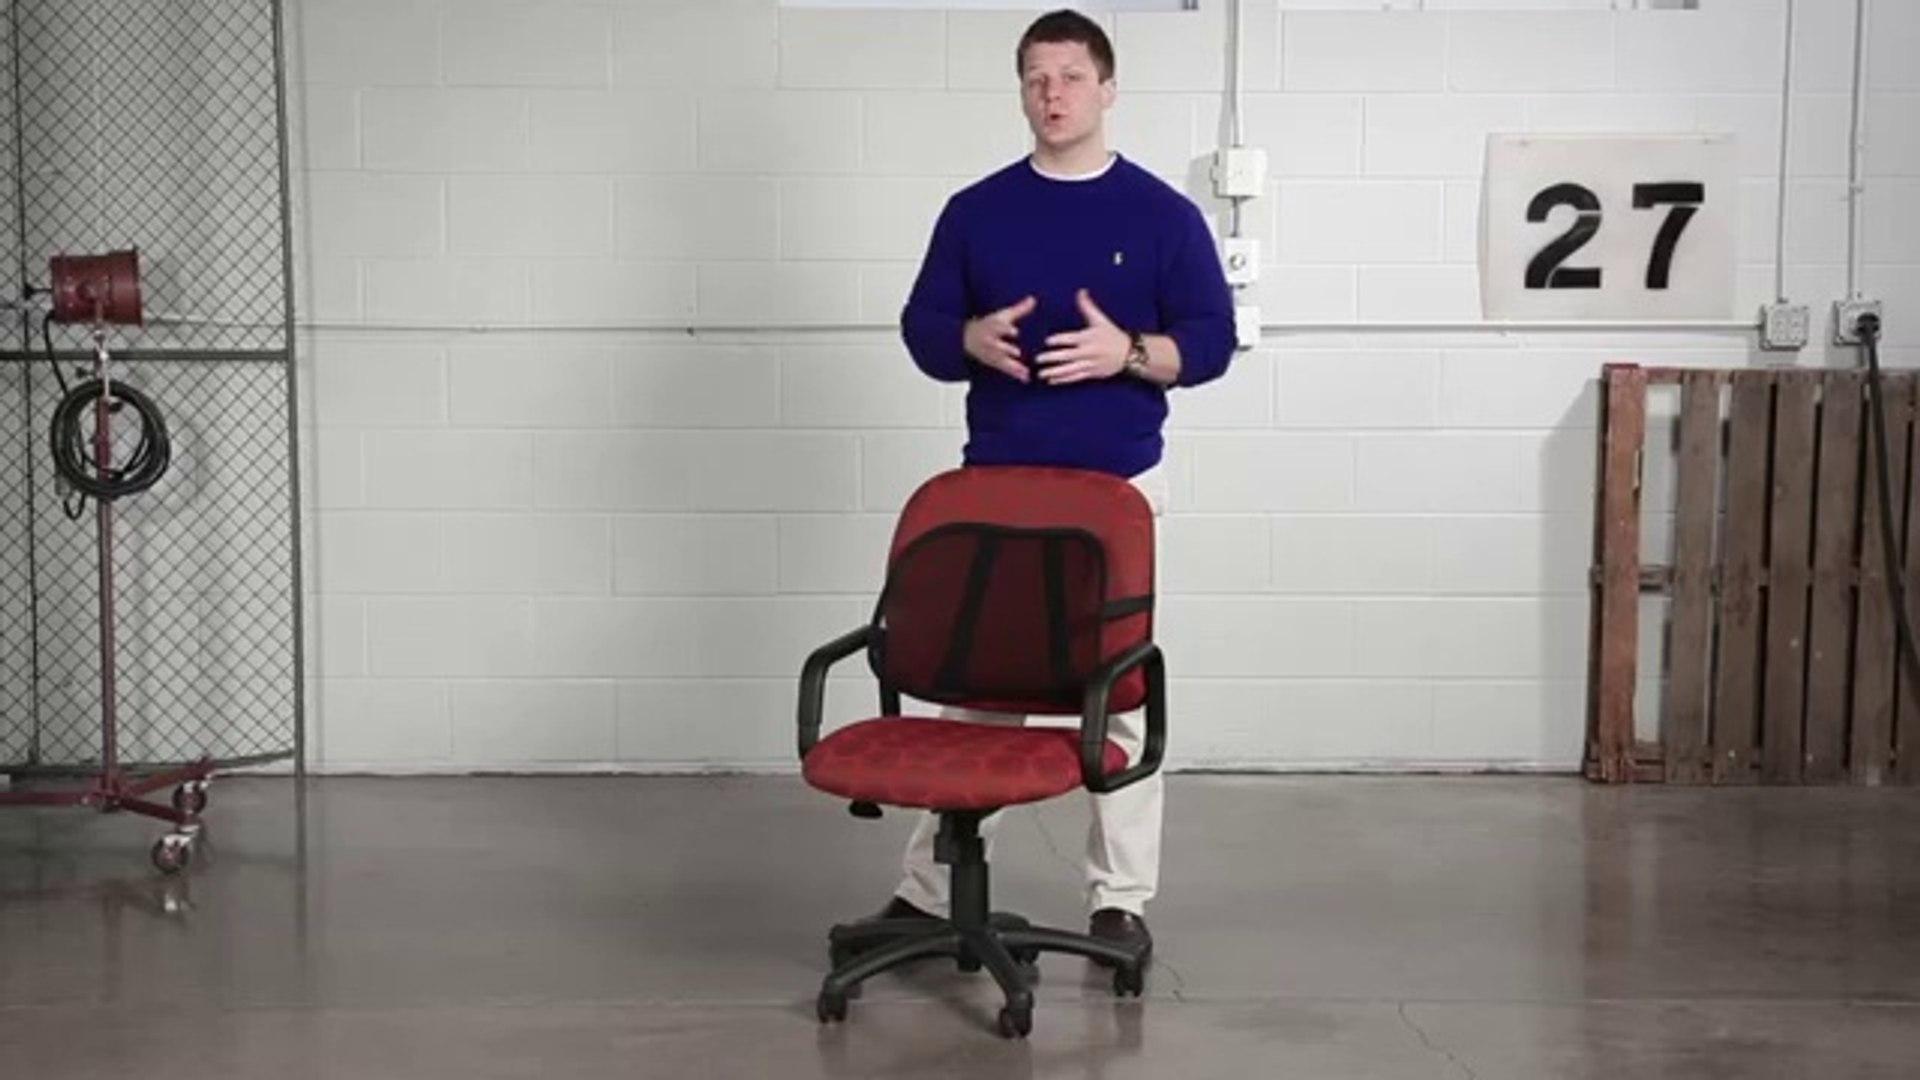 Mua ghế chống tĩnh điện, chất lượng tốt, giá bán rẻ, giao hàng nhanh Mr. Quân  01649.598.929